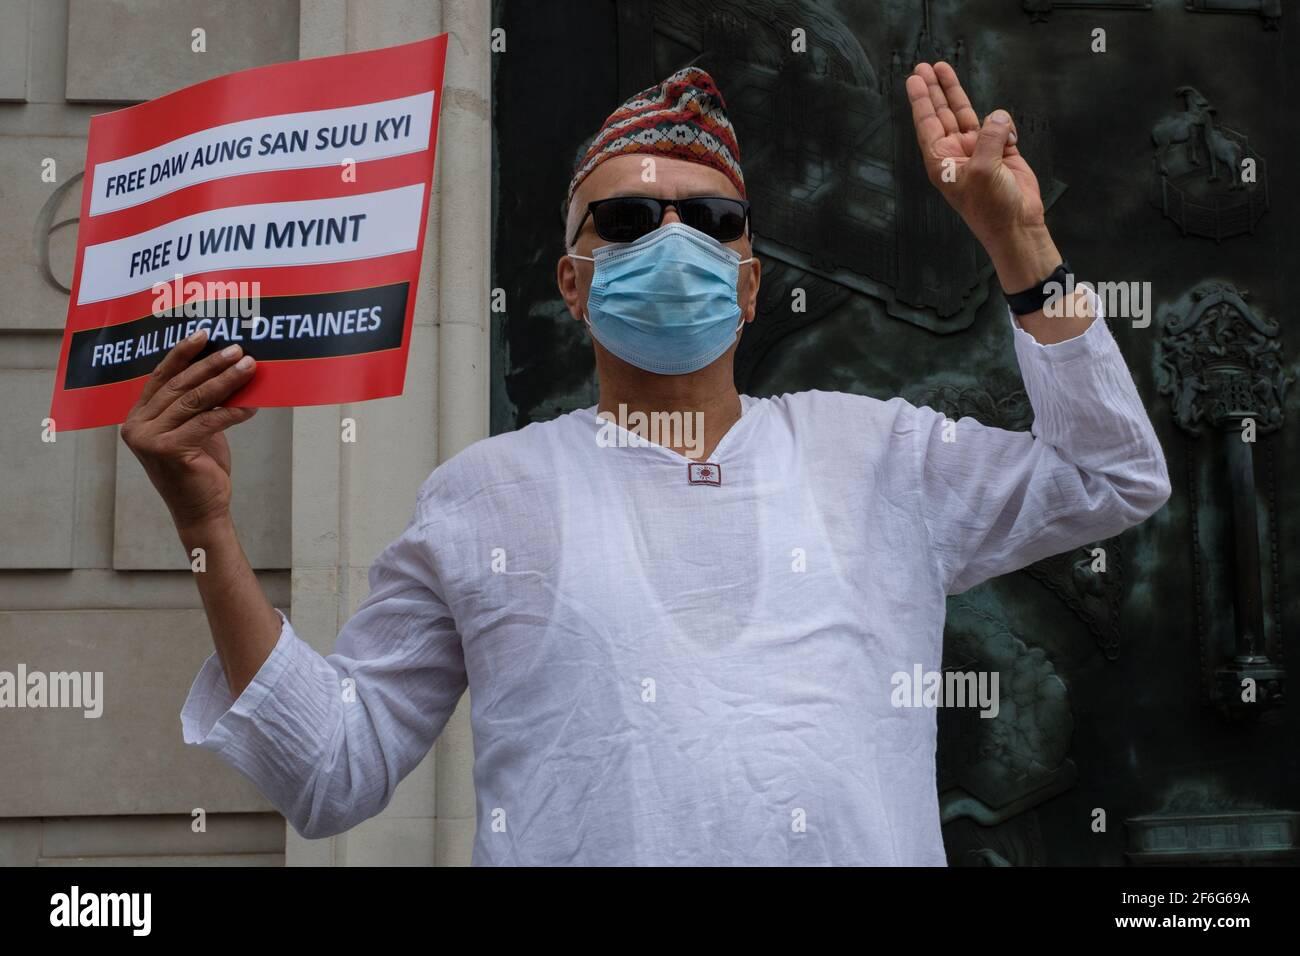 Londres, Royaume-Uni. 31 mars 2021. Les manifestants se sont rassemblés avec des panneaux sur la place du Parlement avant de se rendre à l'ambassade chinoise pour protester contre le coup d'Etat militaire et les meurtres de civils au Myanmar. Credit: João Daniel Pereira/Alay Live News Banque D'Images